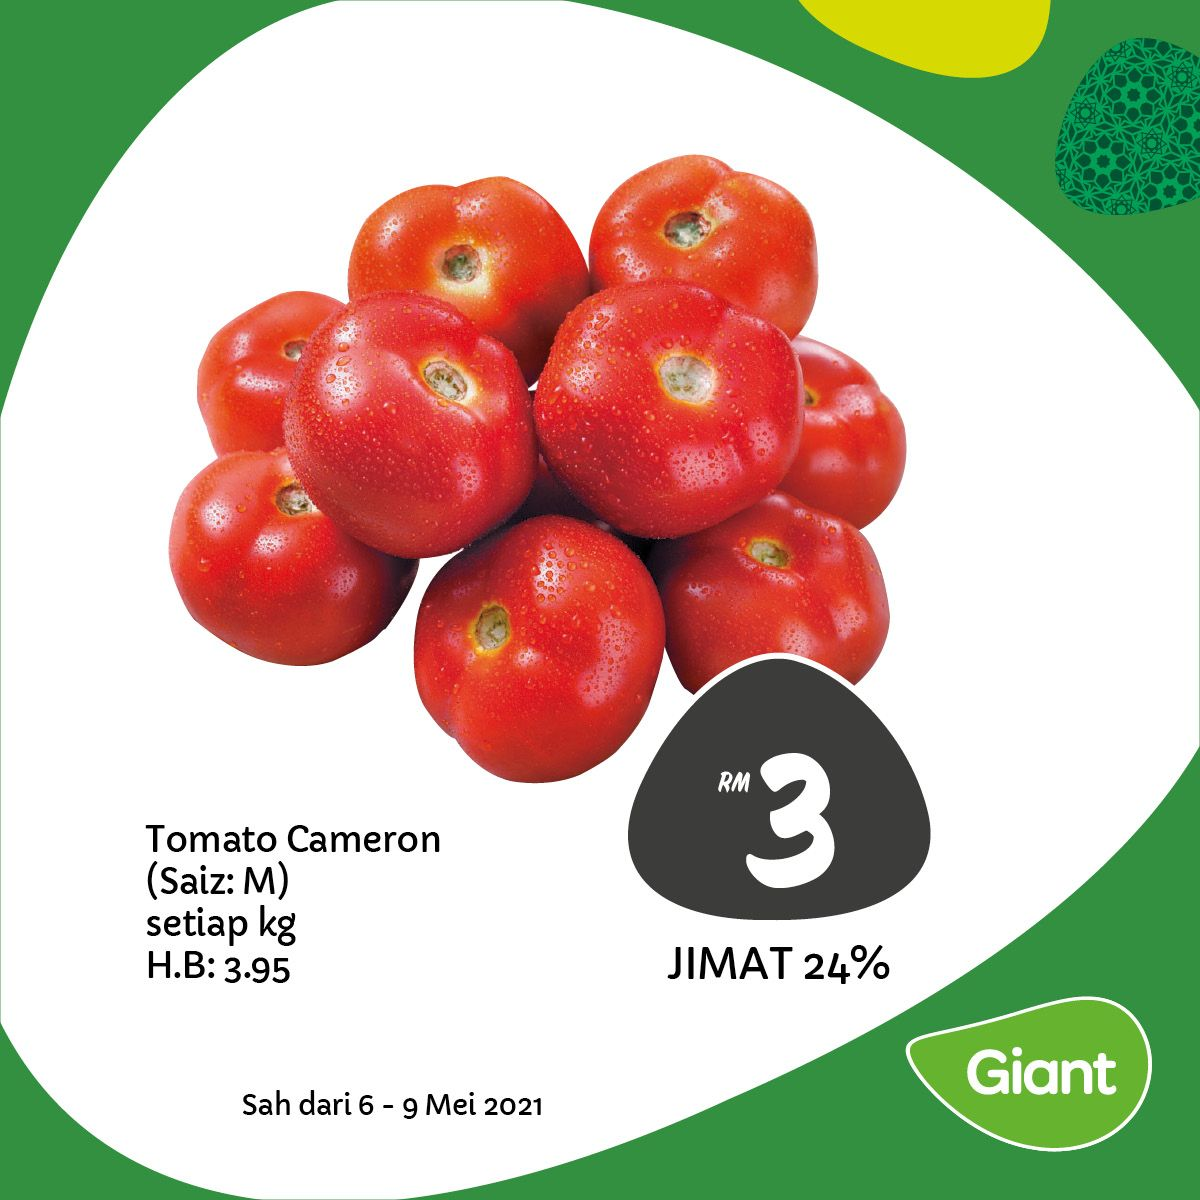 Giant Catalogue (6 May - 9 May 2021)